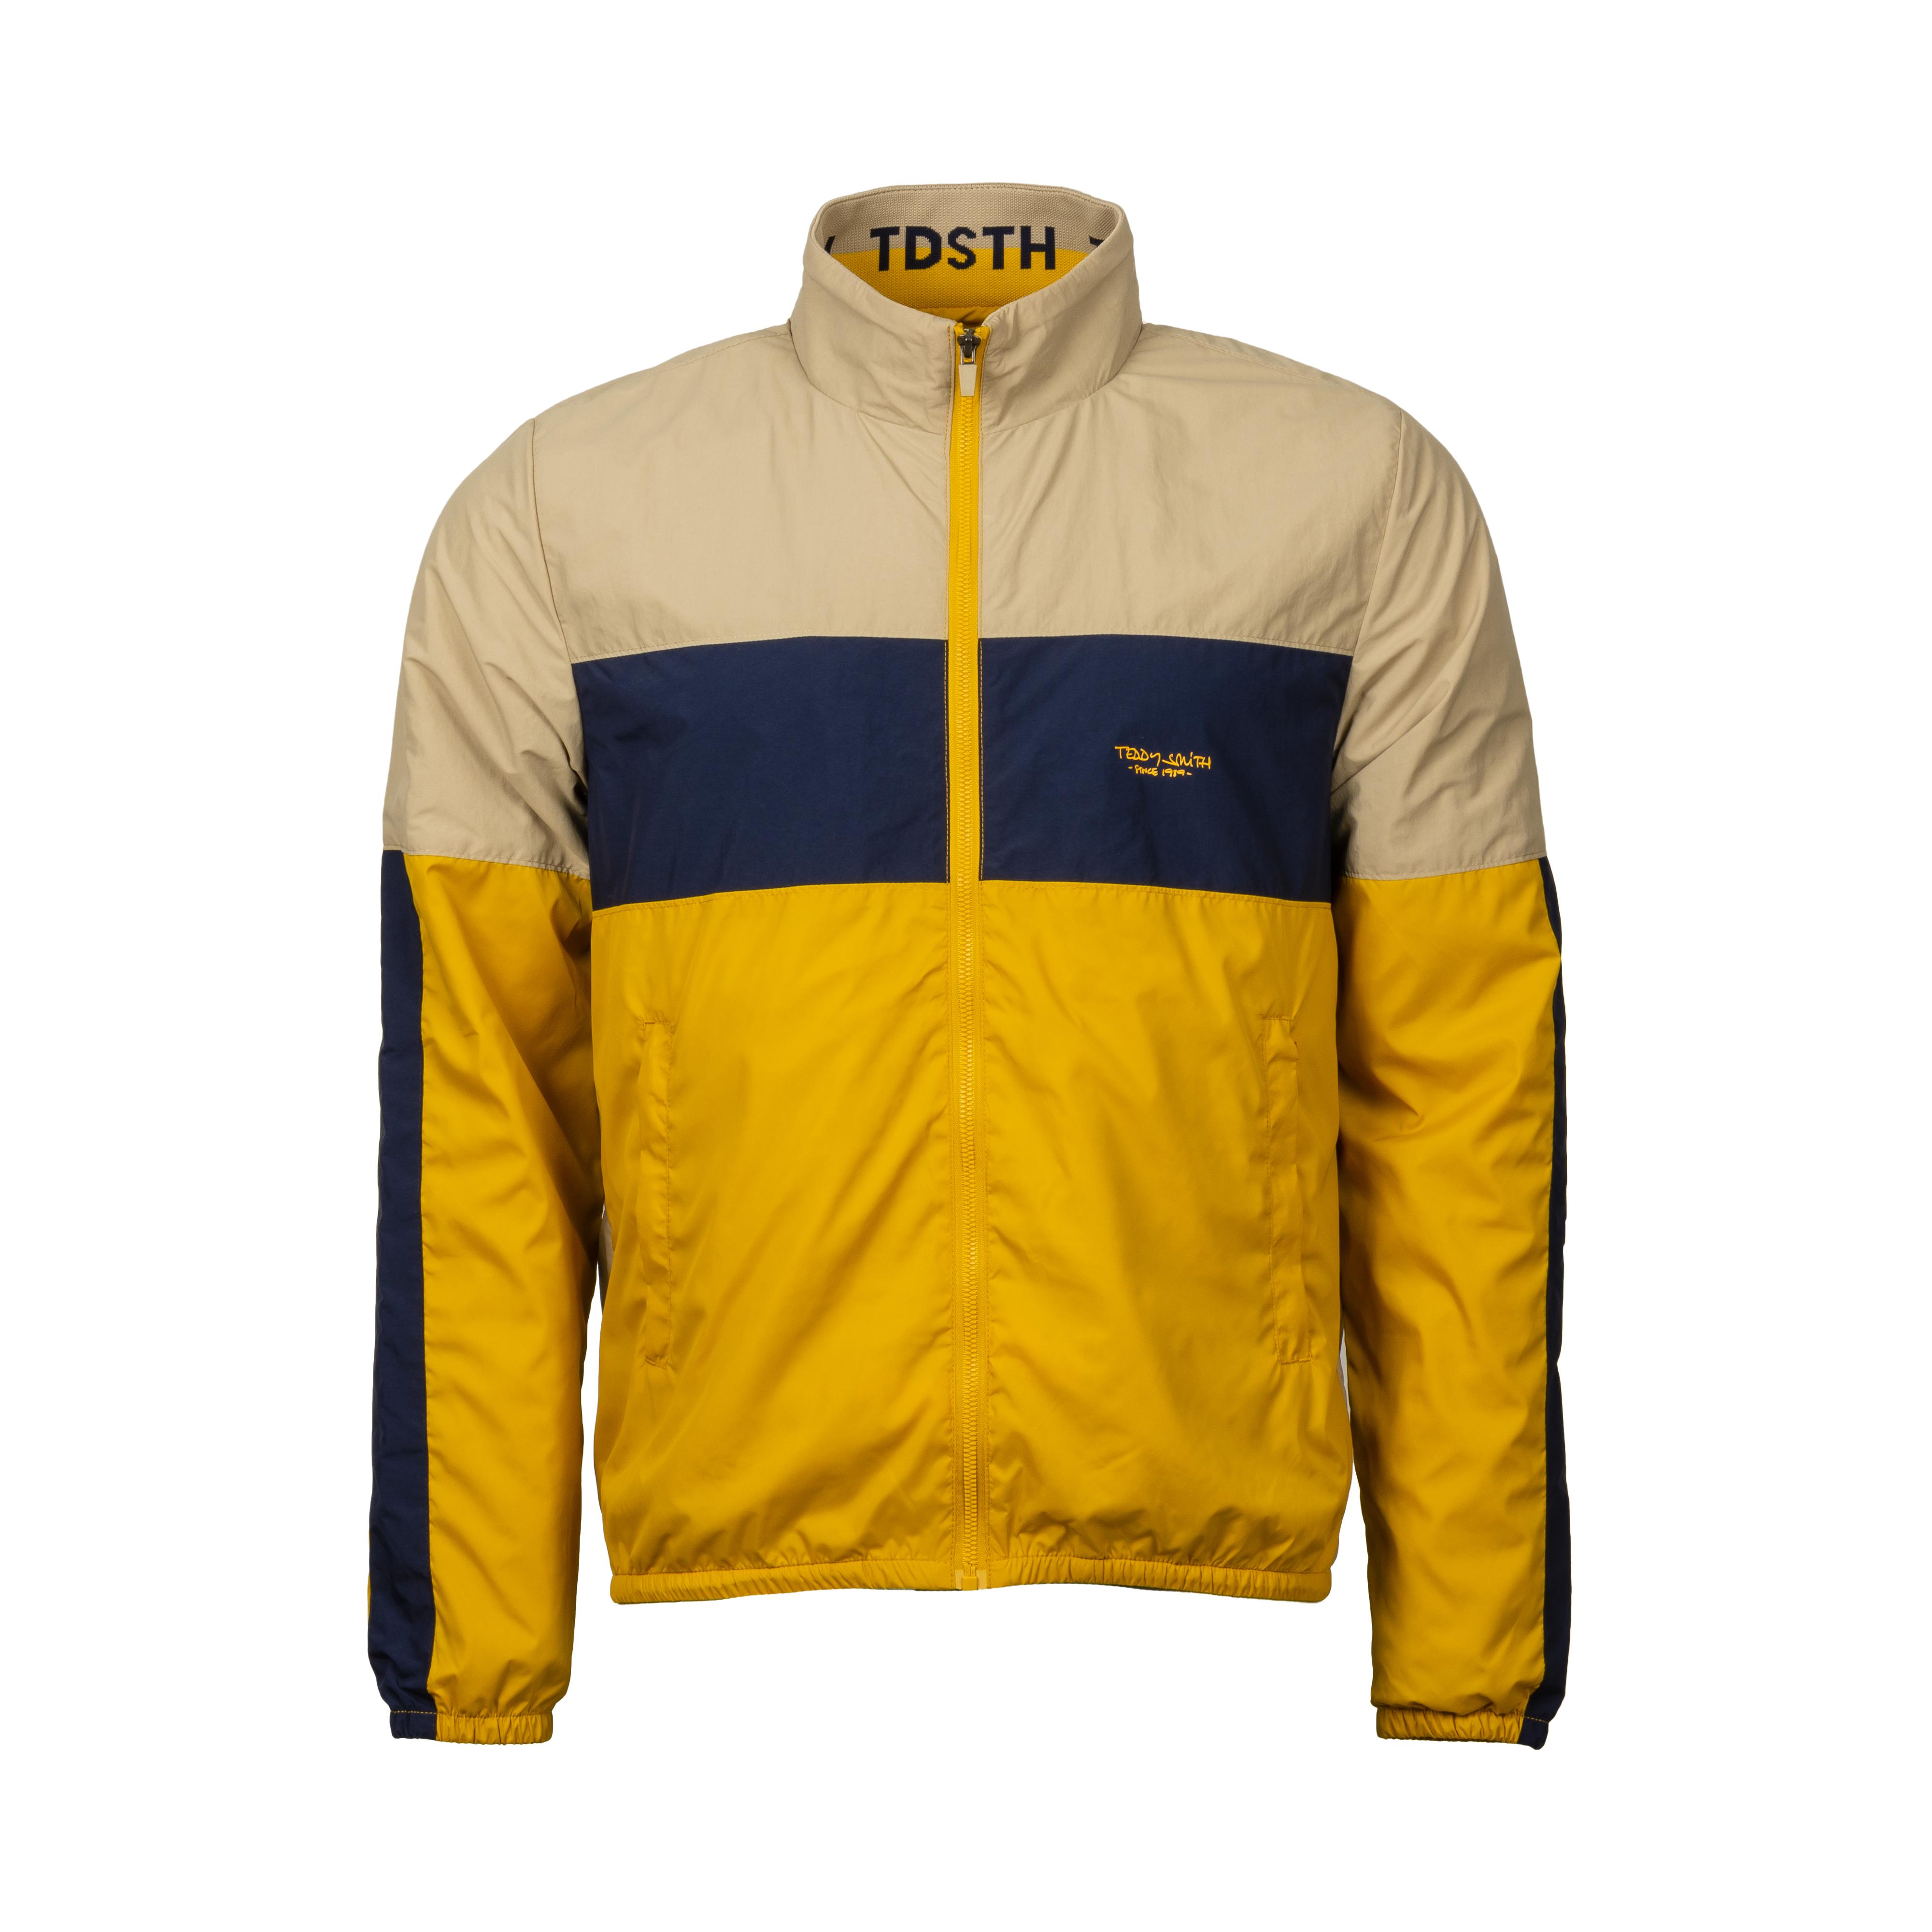 Veste coupe-vent à capuche  b-herman à opposition de couleurs beige, bleu marine et jaune